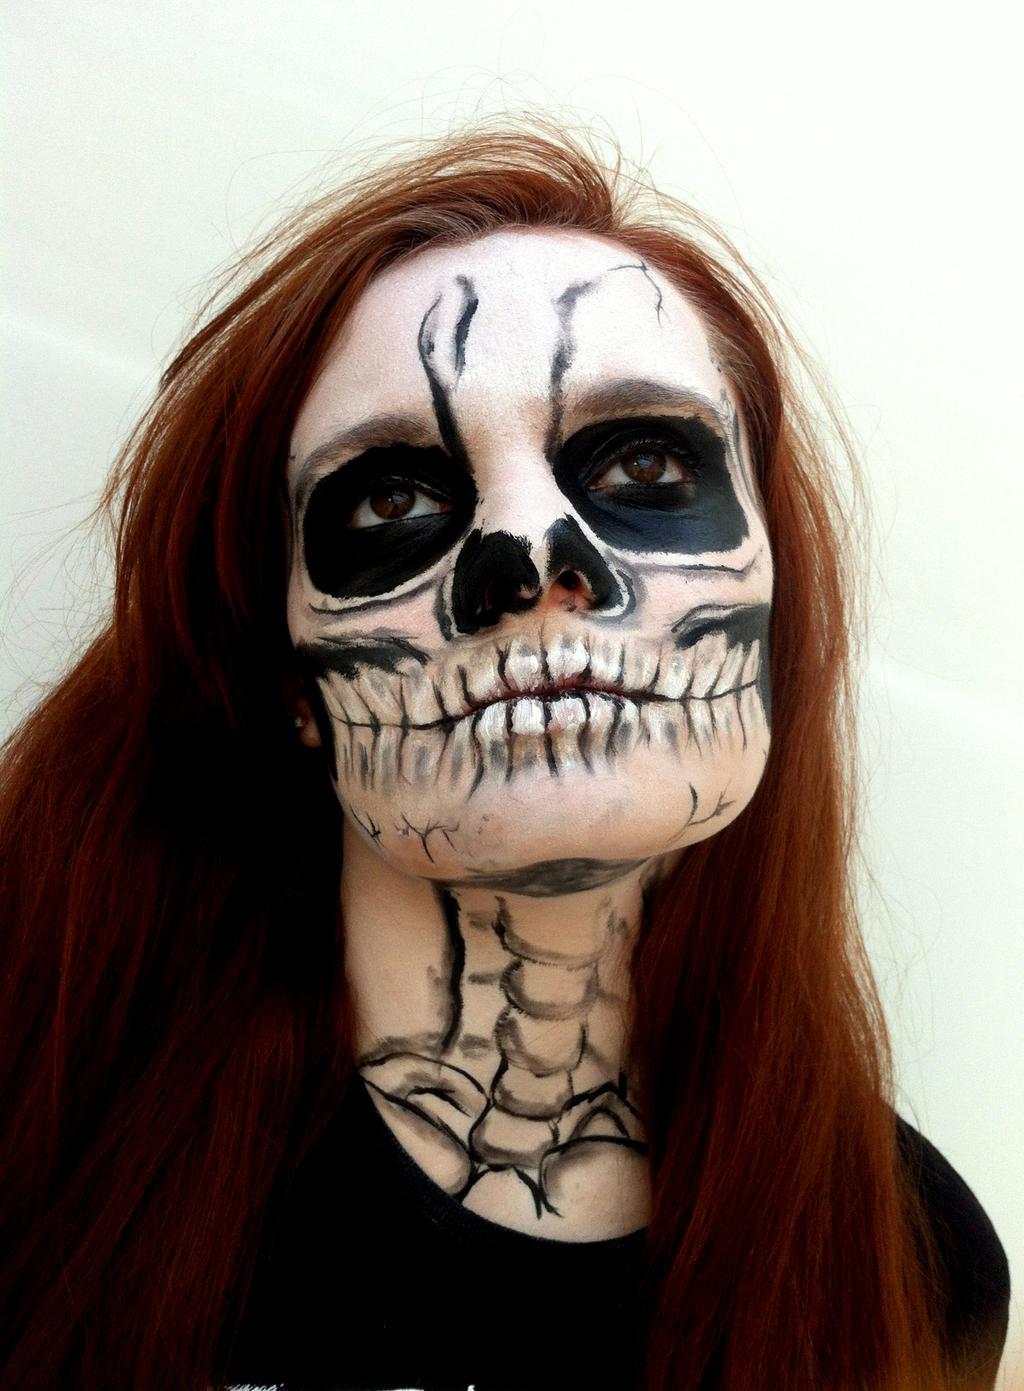 Skull Makeup by missanimestranger